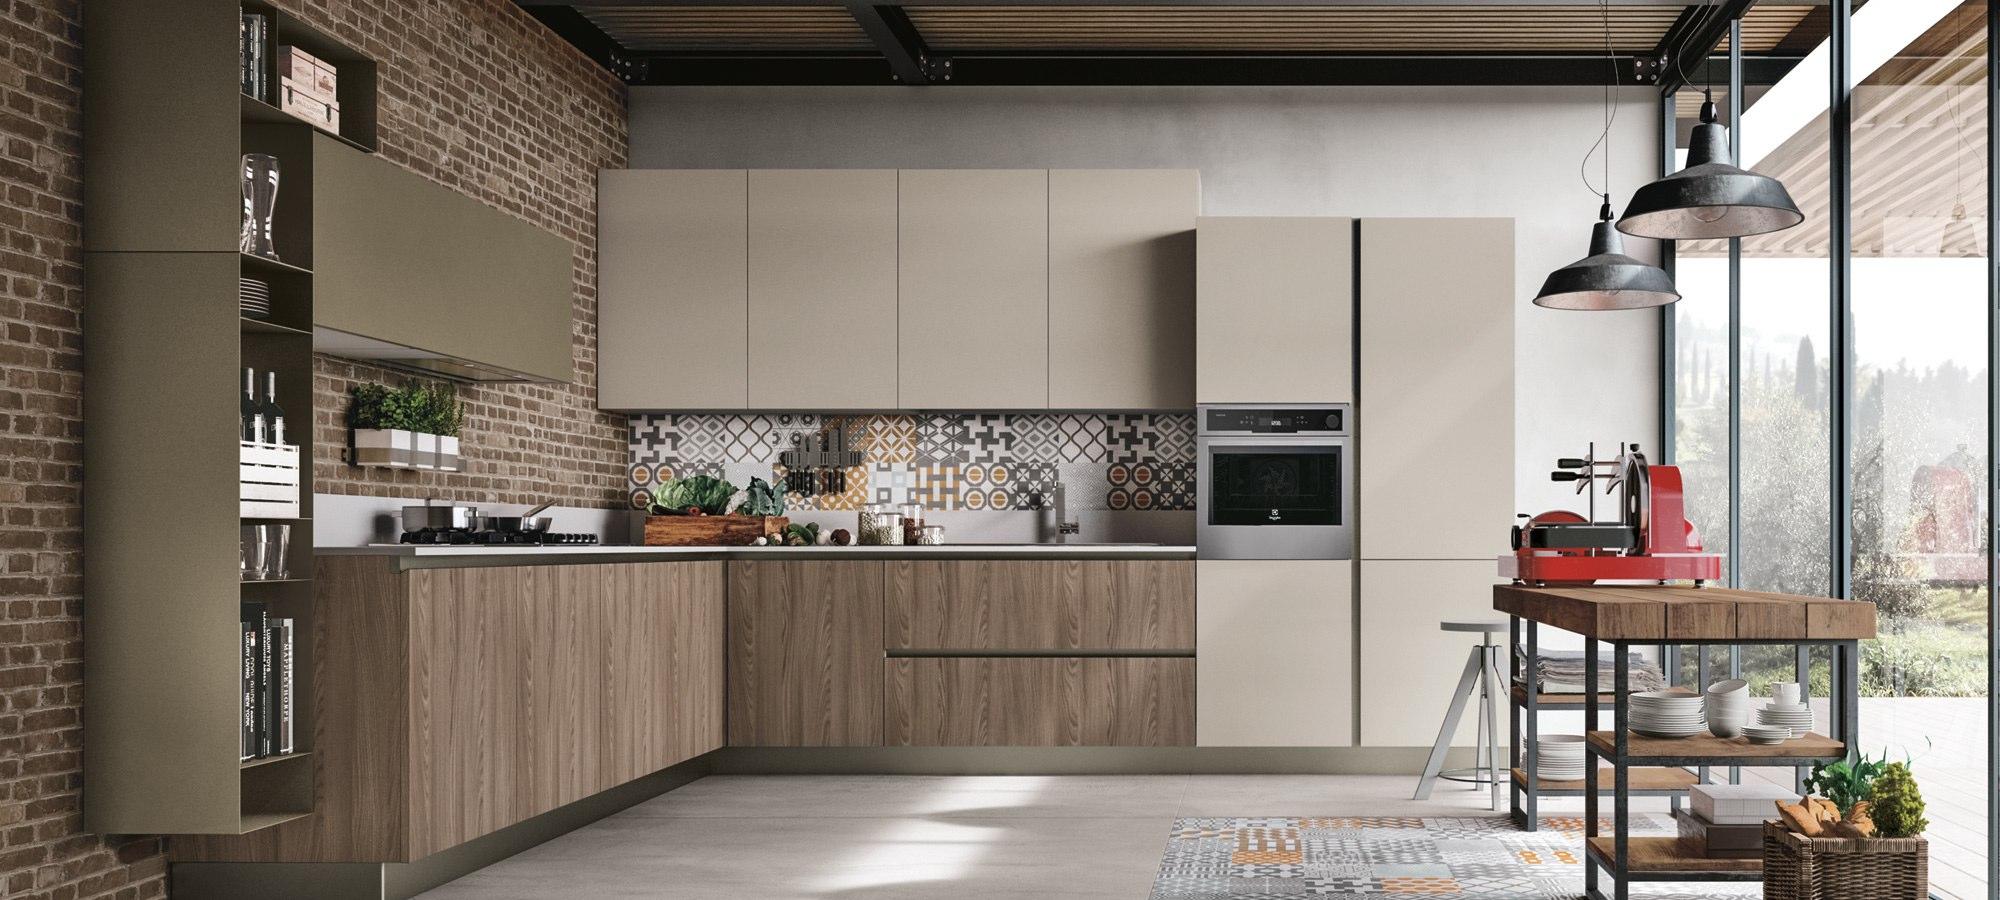 Cucina stosa infinity lorenzelli arredamenti - Cucine immagini moderne ...